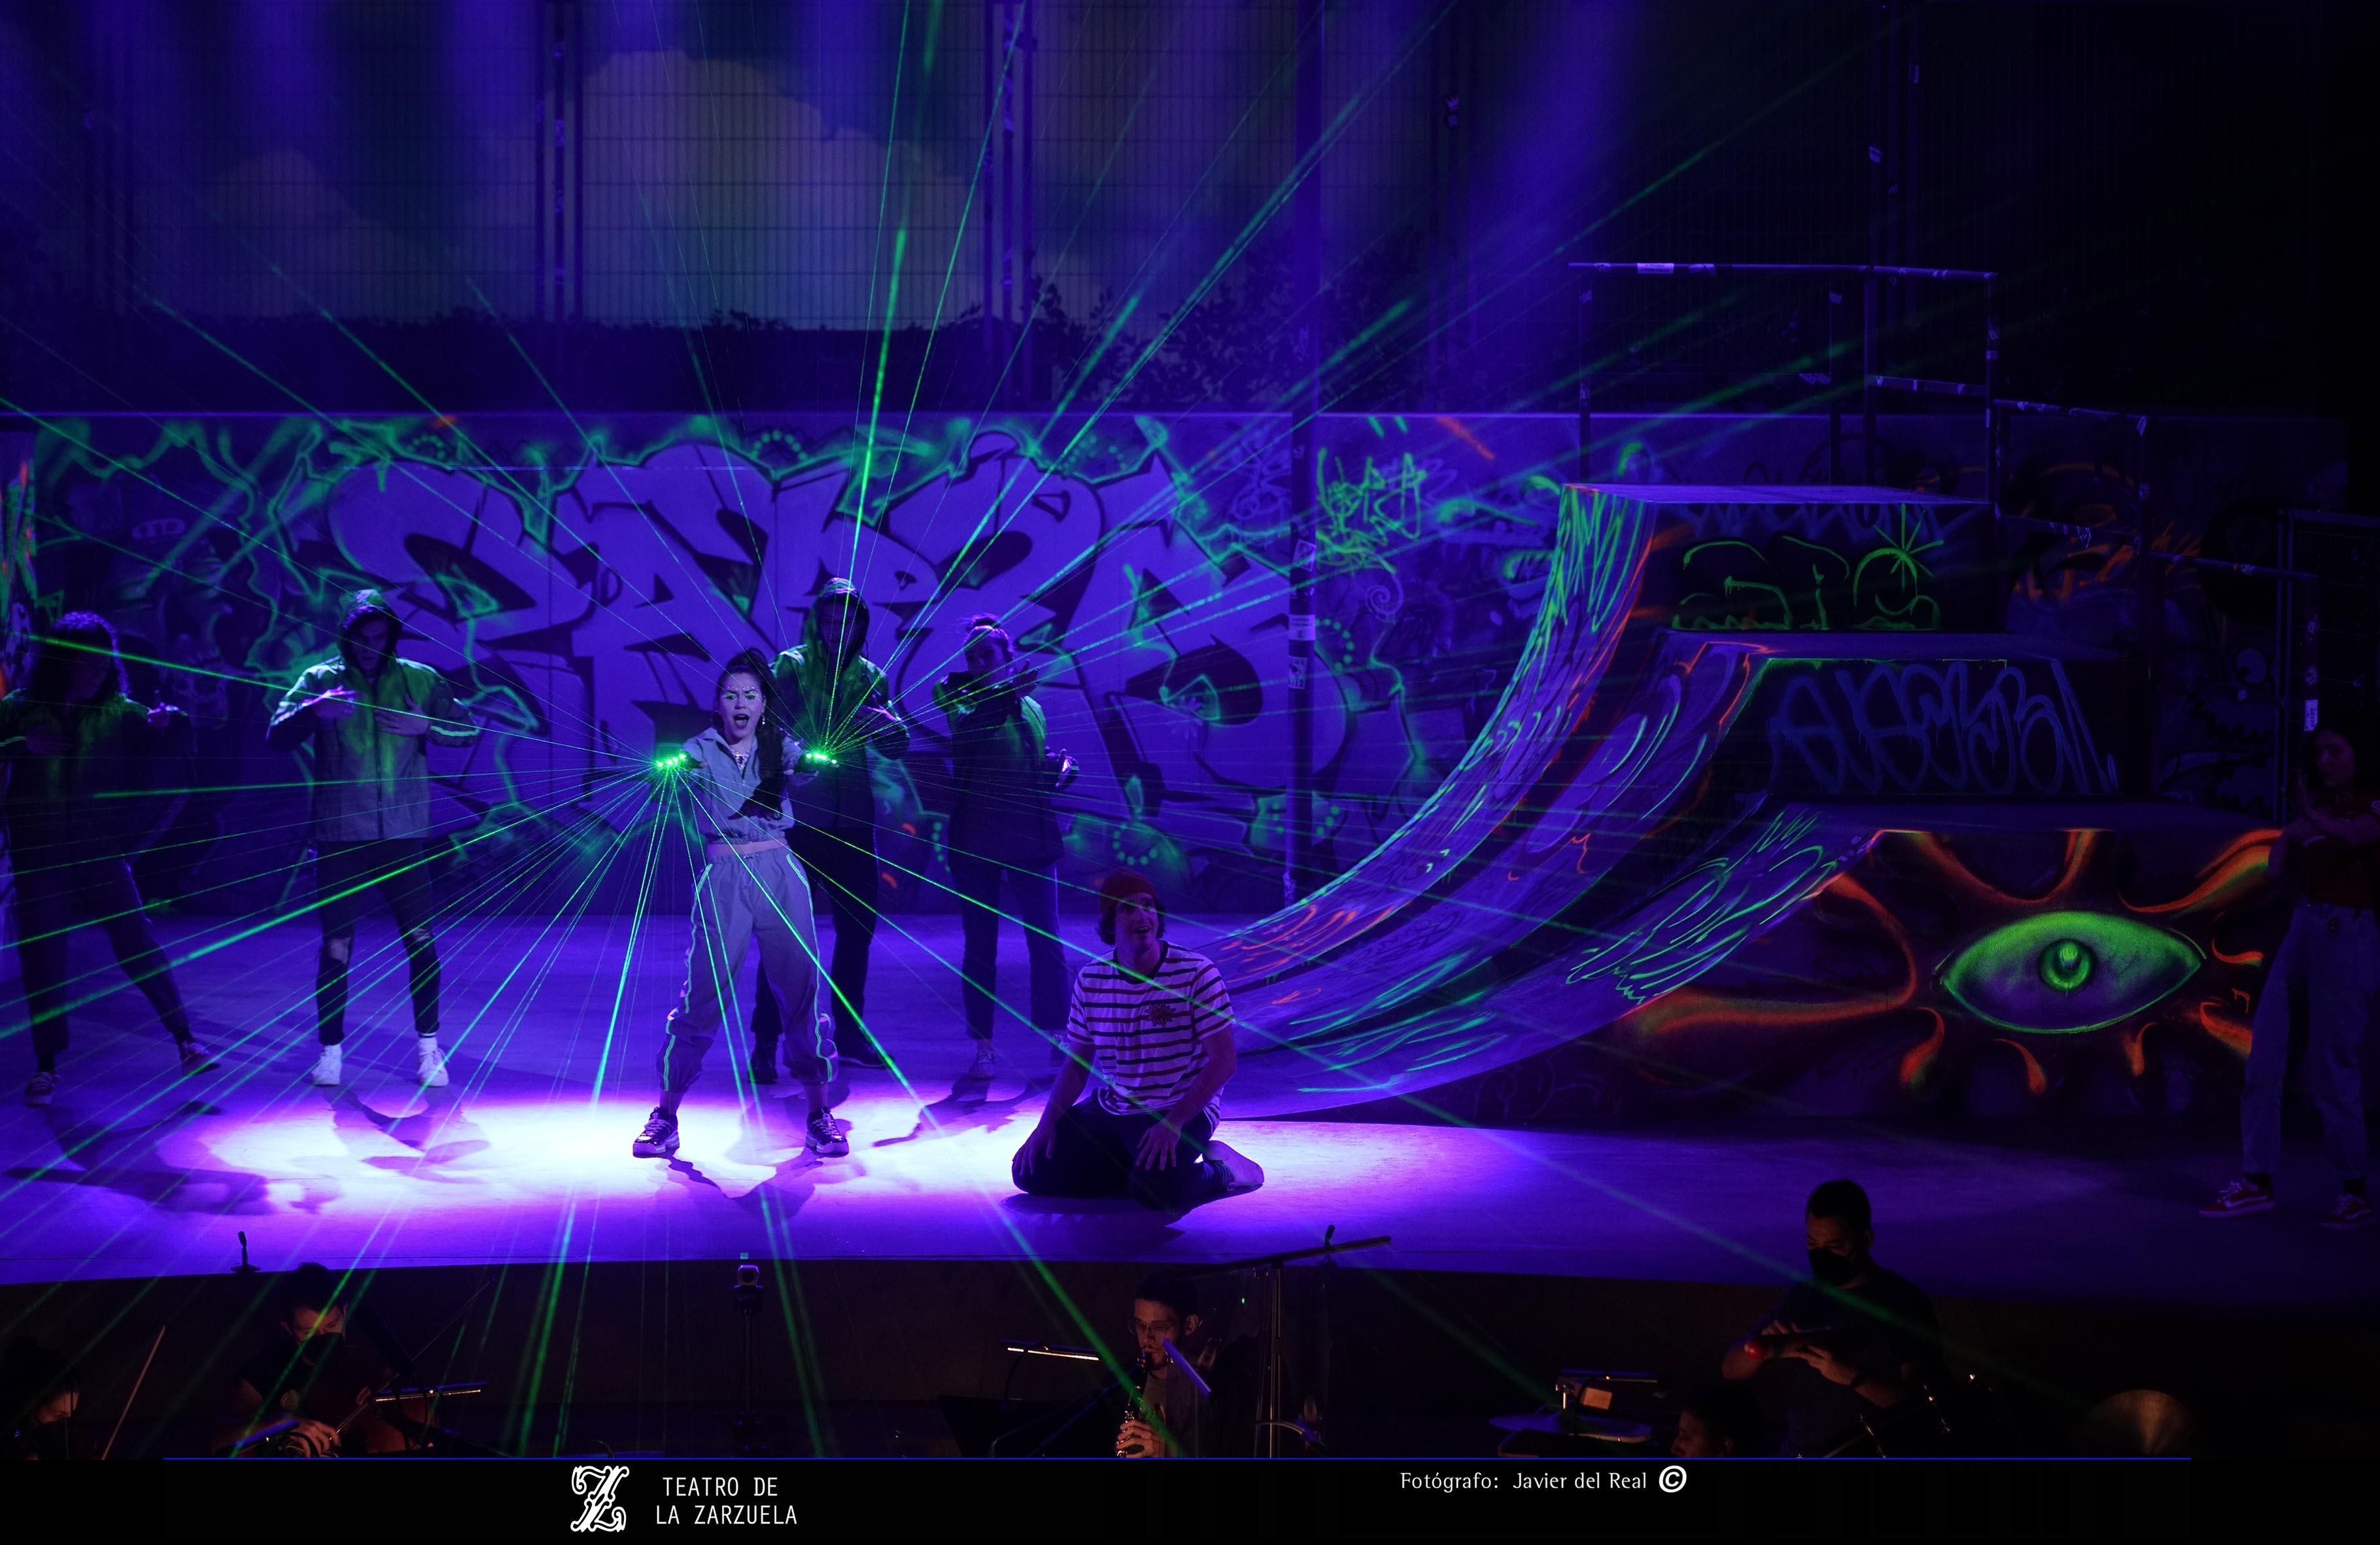 Amores en Zarza en el Teatro de la Zarzuela, nueva producción del Proyecto Zarza / Foto: Javier del Real